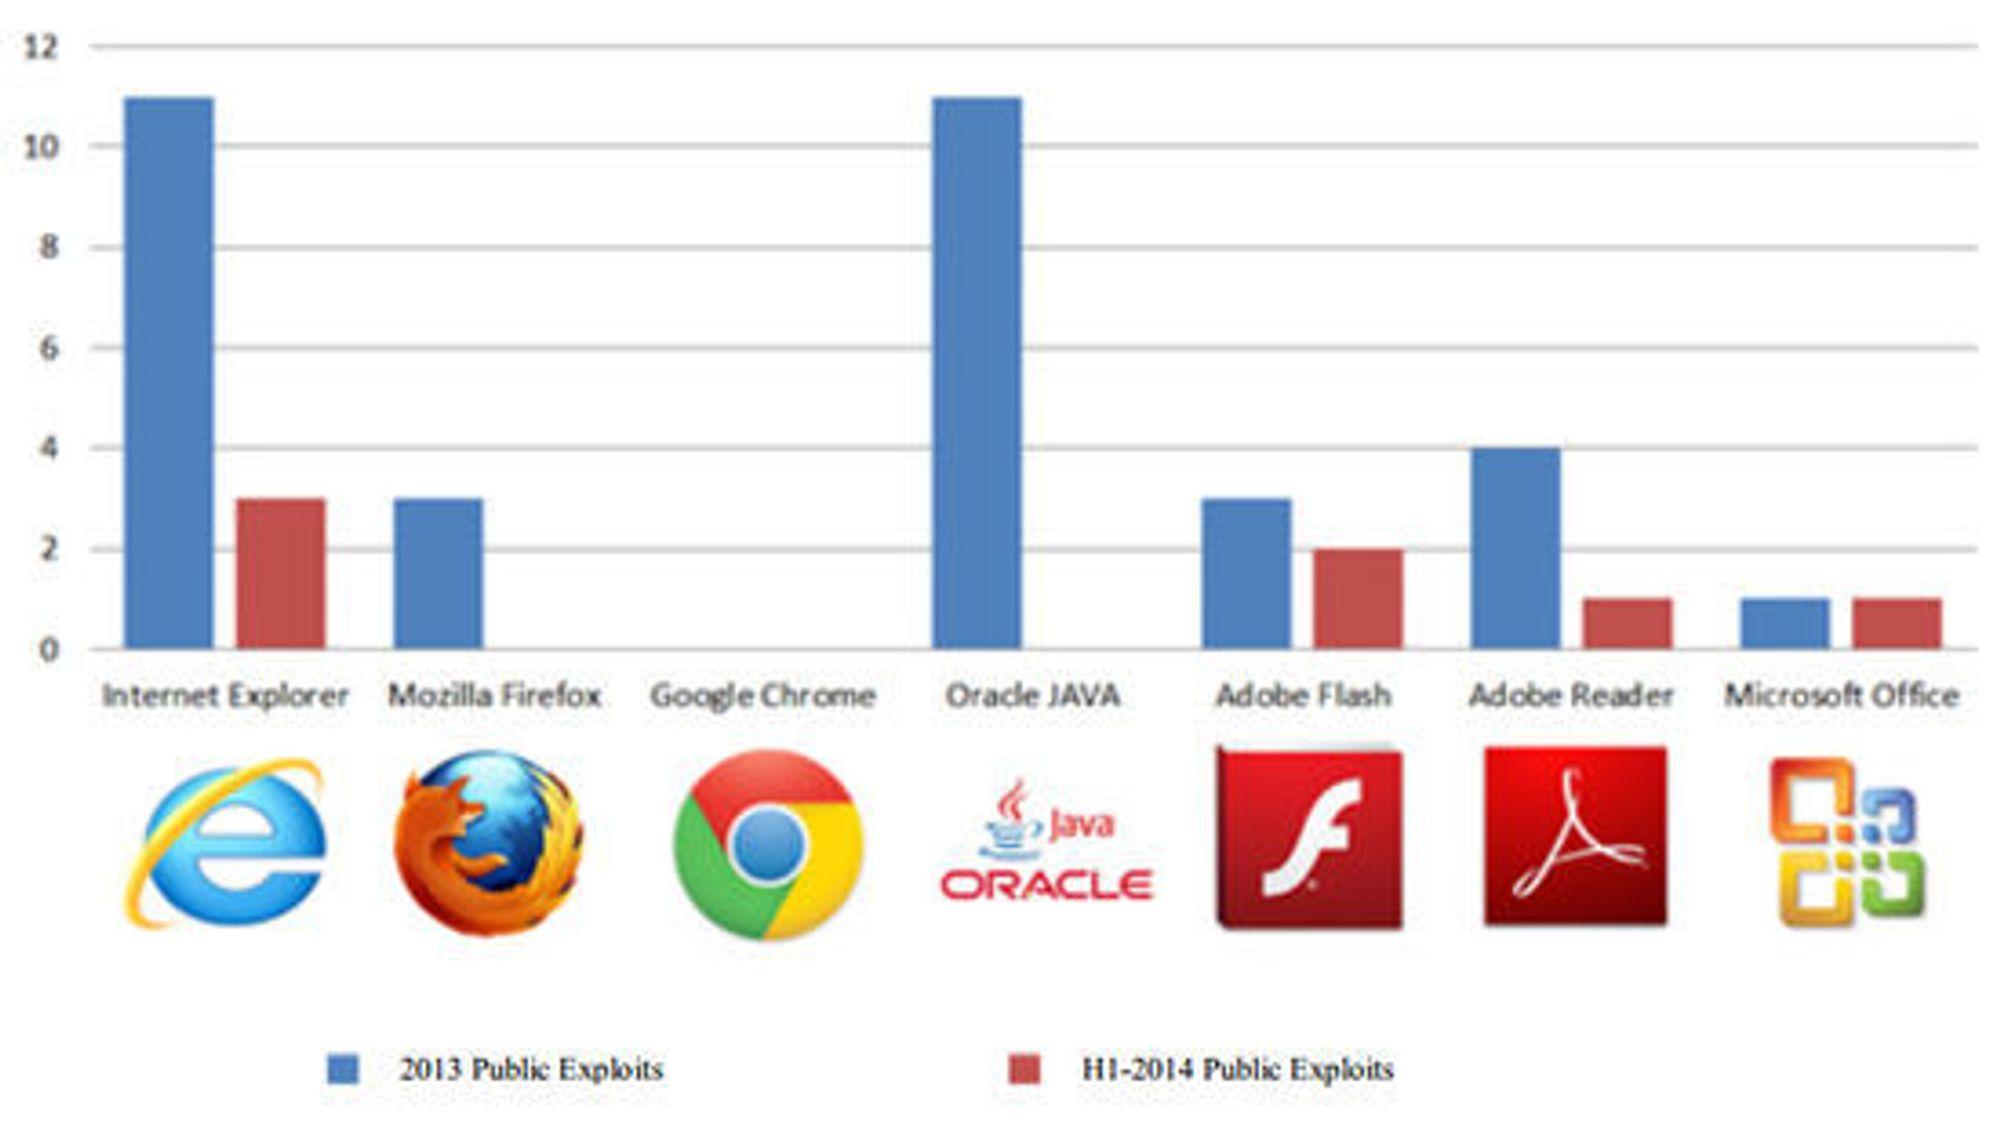 Mengden av offentlig angrepskode utgitt av Exploid Database til mye brukt klientprogramvare i henholdsvis 2013 og første halvdel av 2014.